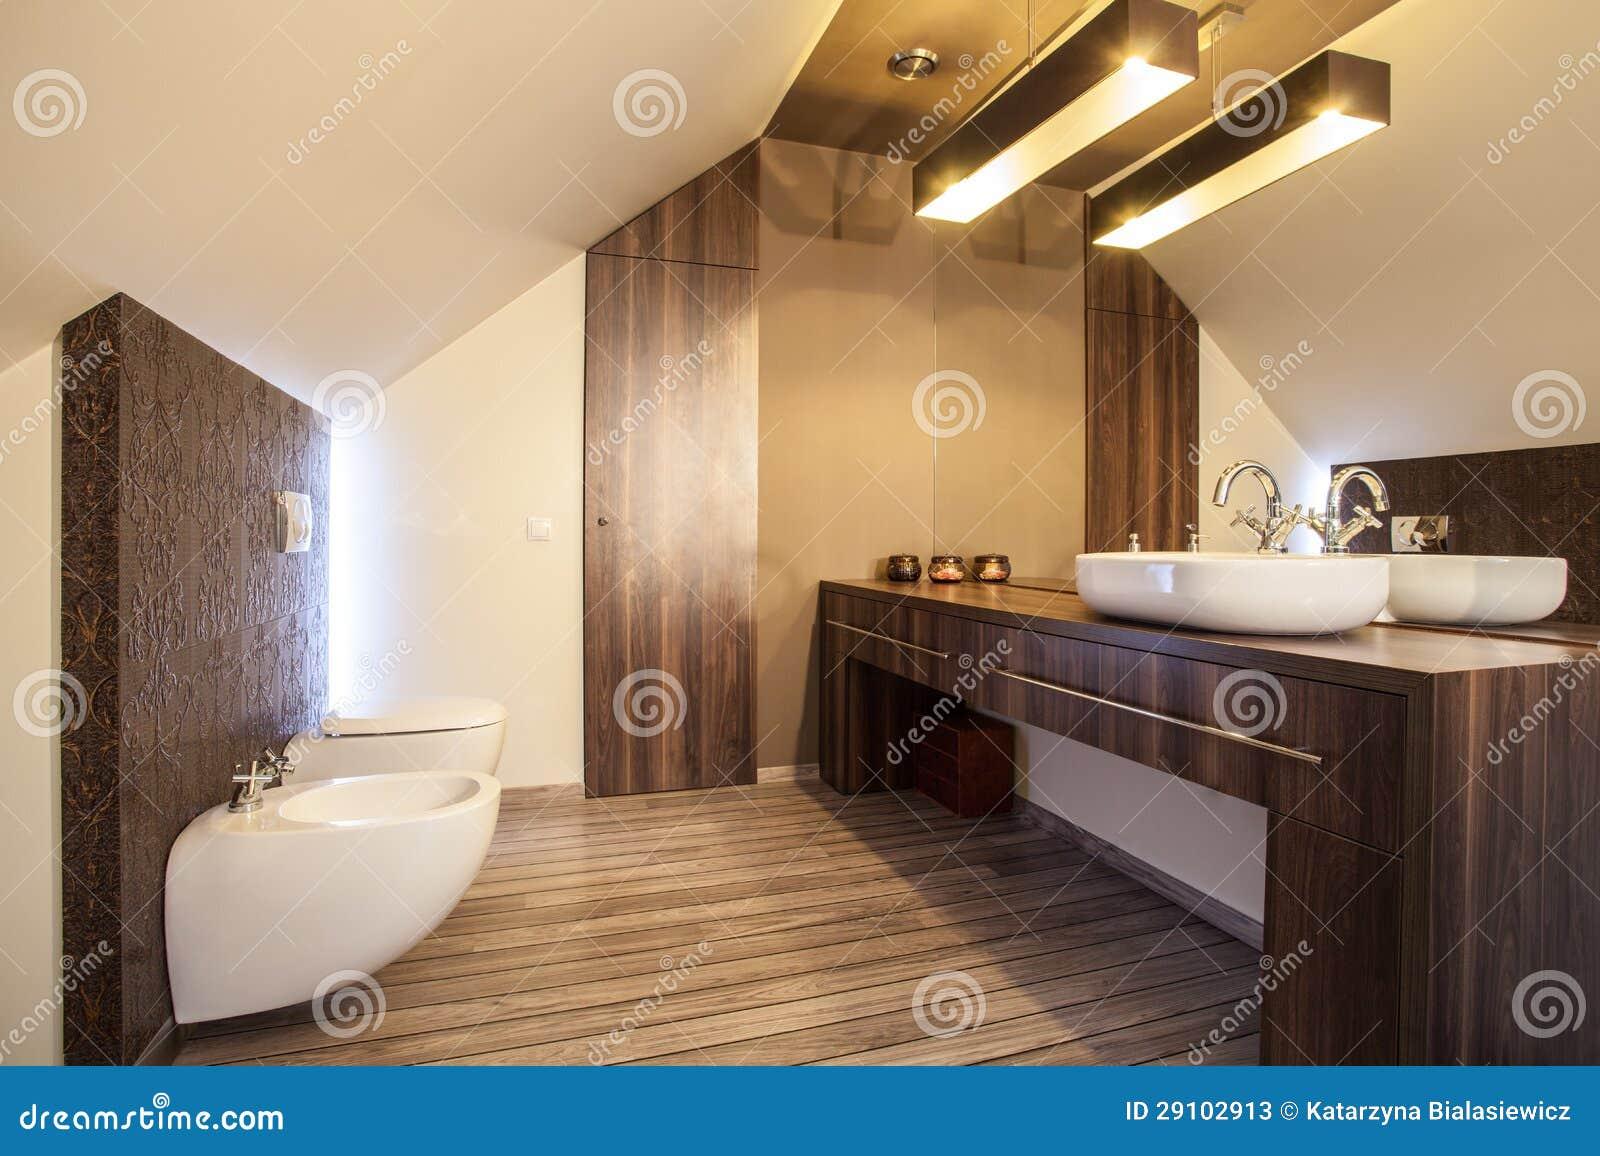 HOME Do País Bancada Do Banheiro Fotos de Stock Imagem: 29102913 #82A328 1300x957 Banheiro Com Bancada De Madeira